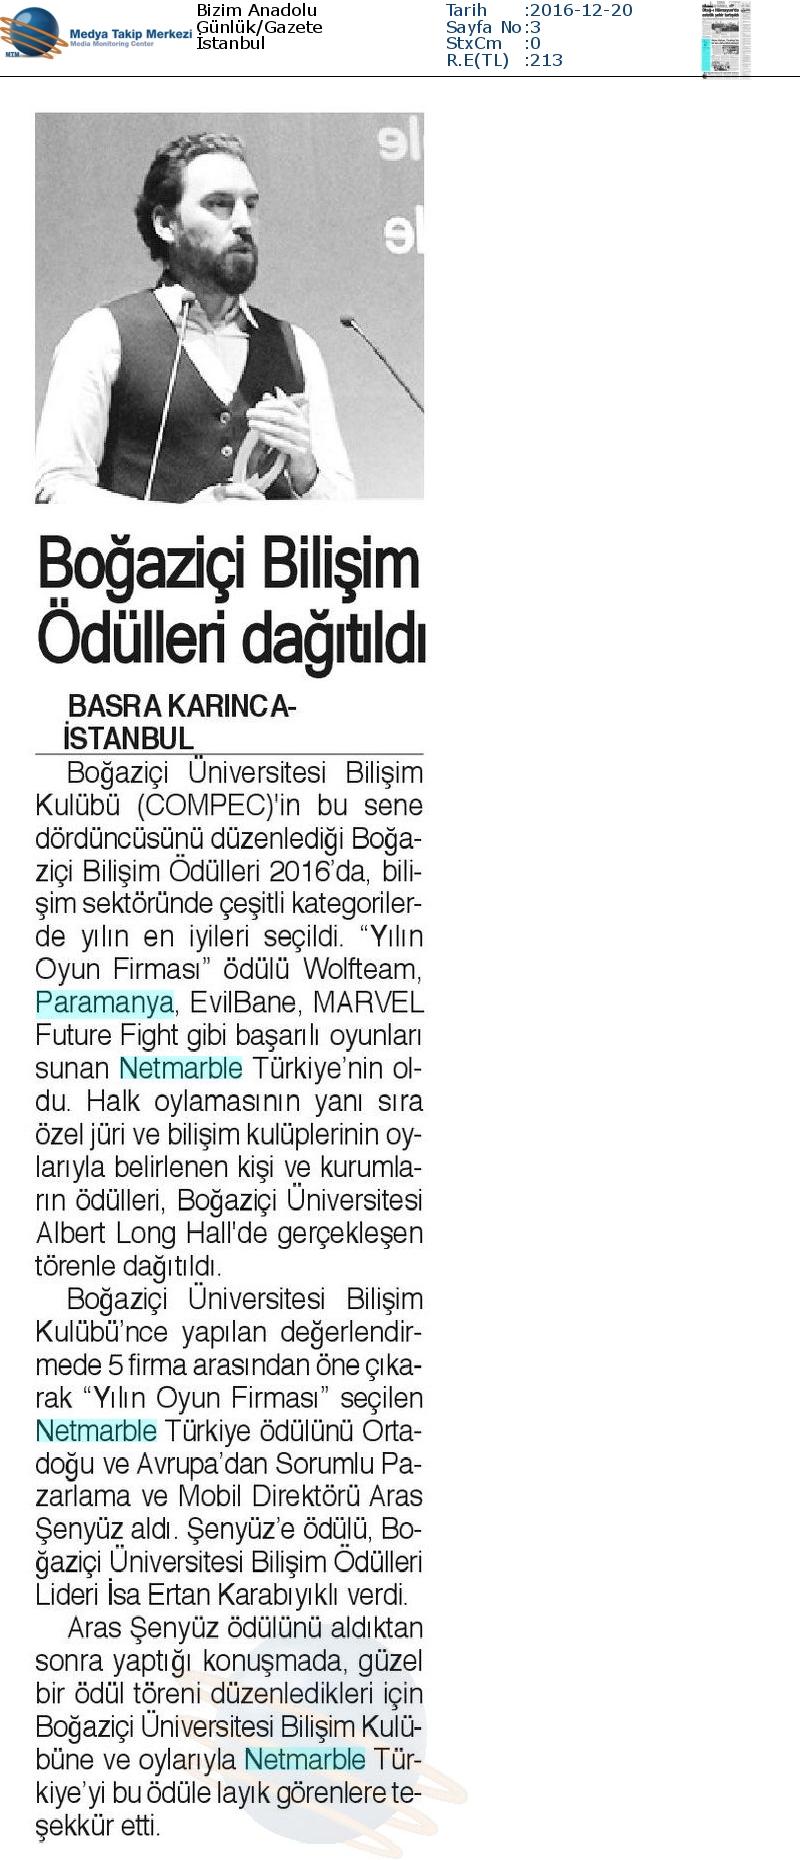 Bizim_Anadolu-BOĞAZİÇİ_BİLİŞİM_ÖDÜLLERİ_DAĞITILDI-20.12.2016-1